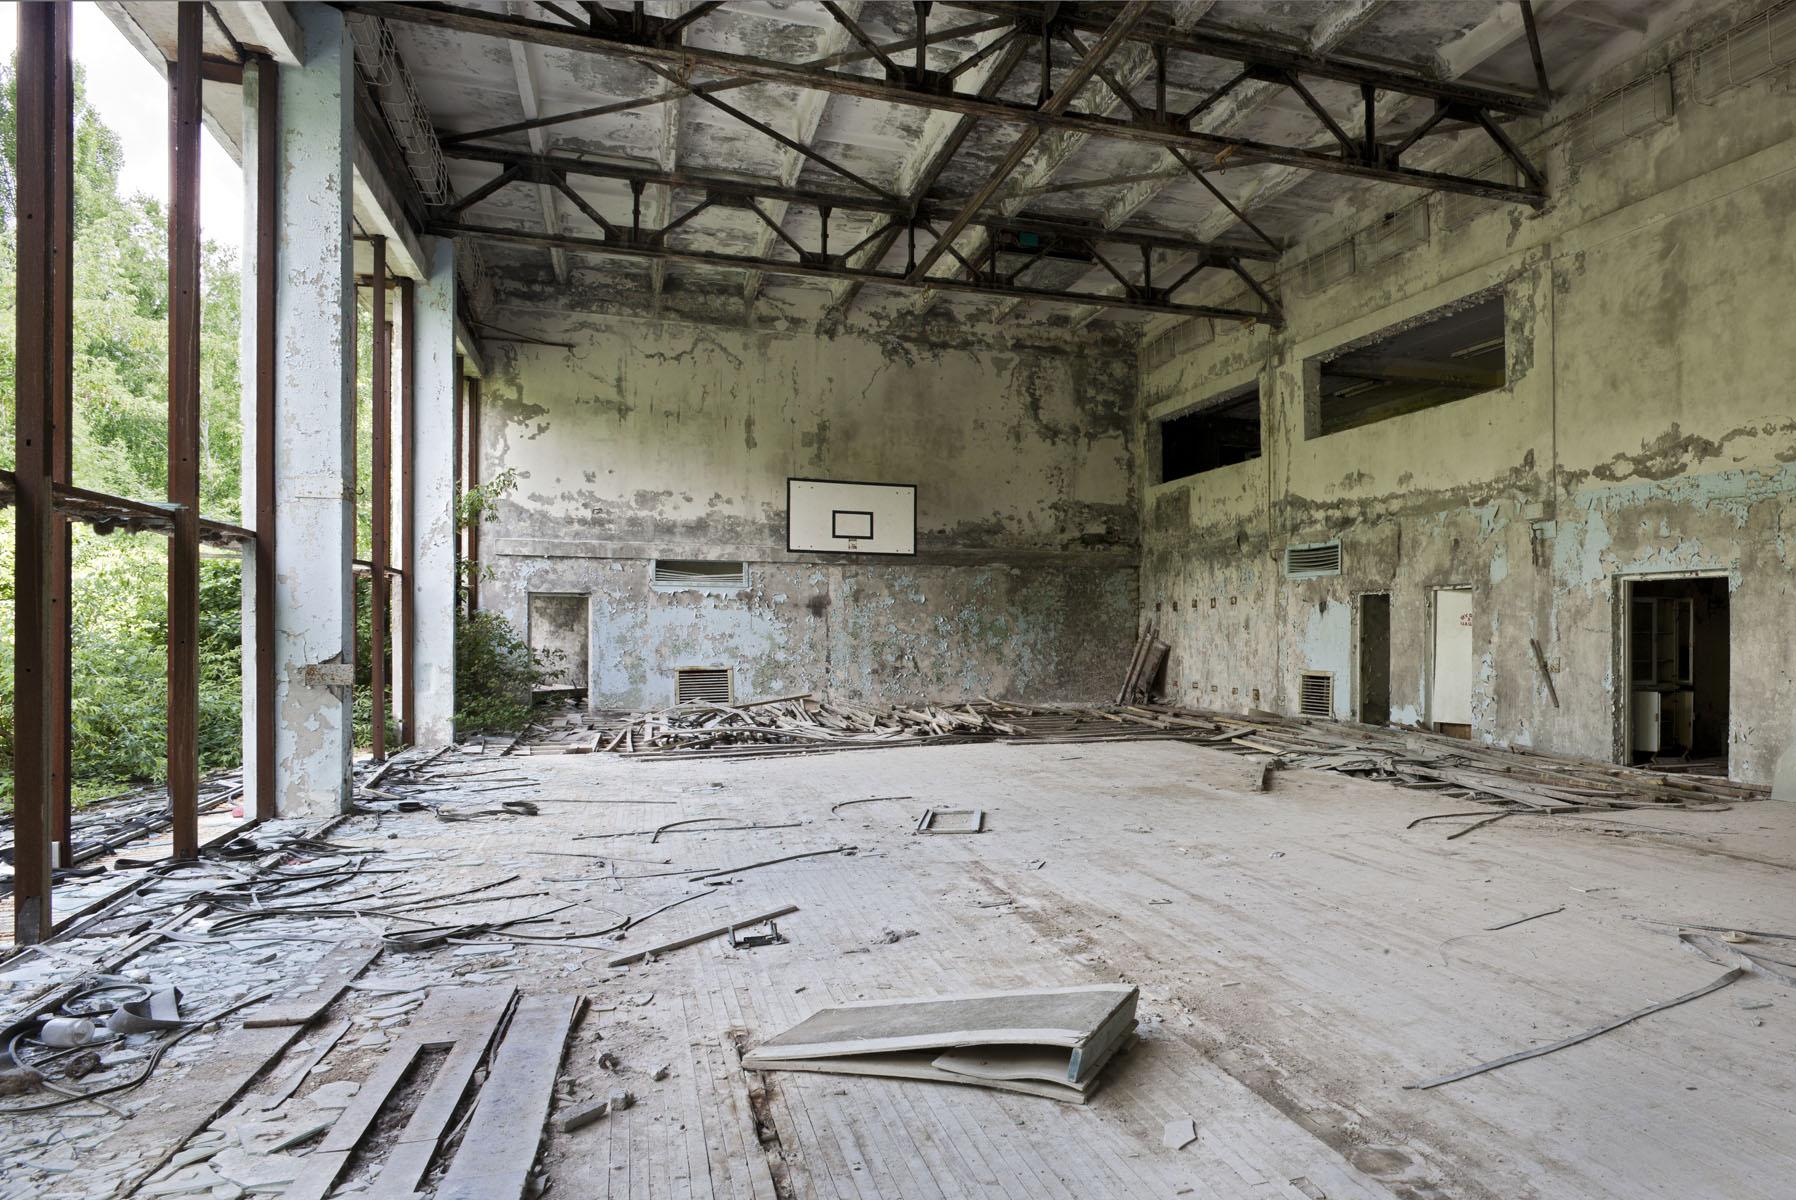 chernobyl_pripyat_16